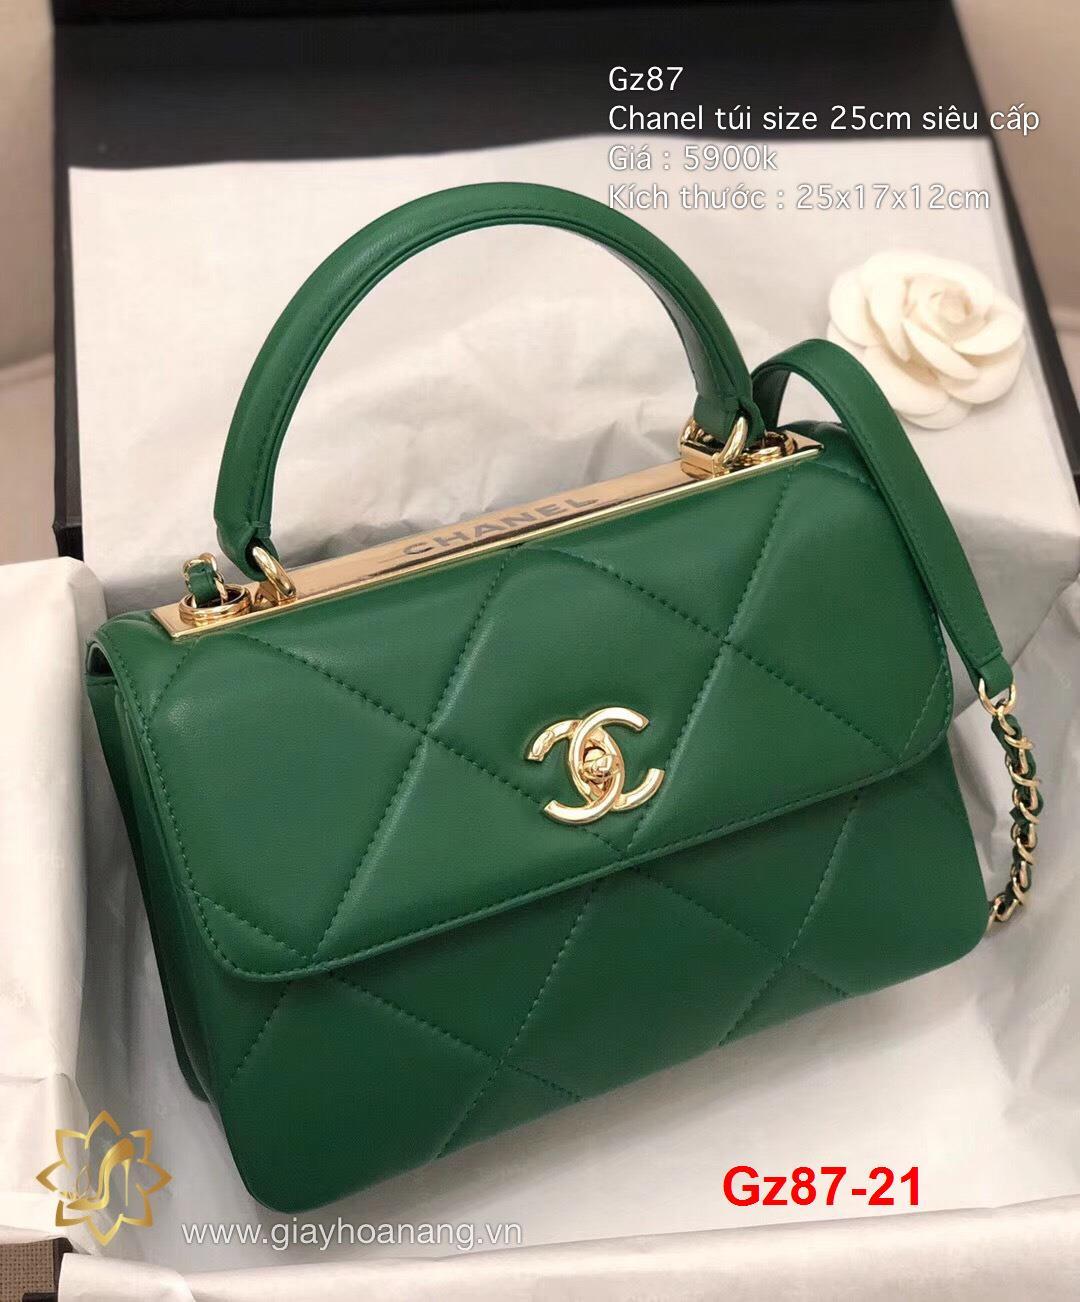 Gz87-21 Chanel túi size 25cm siêu cấp